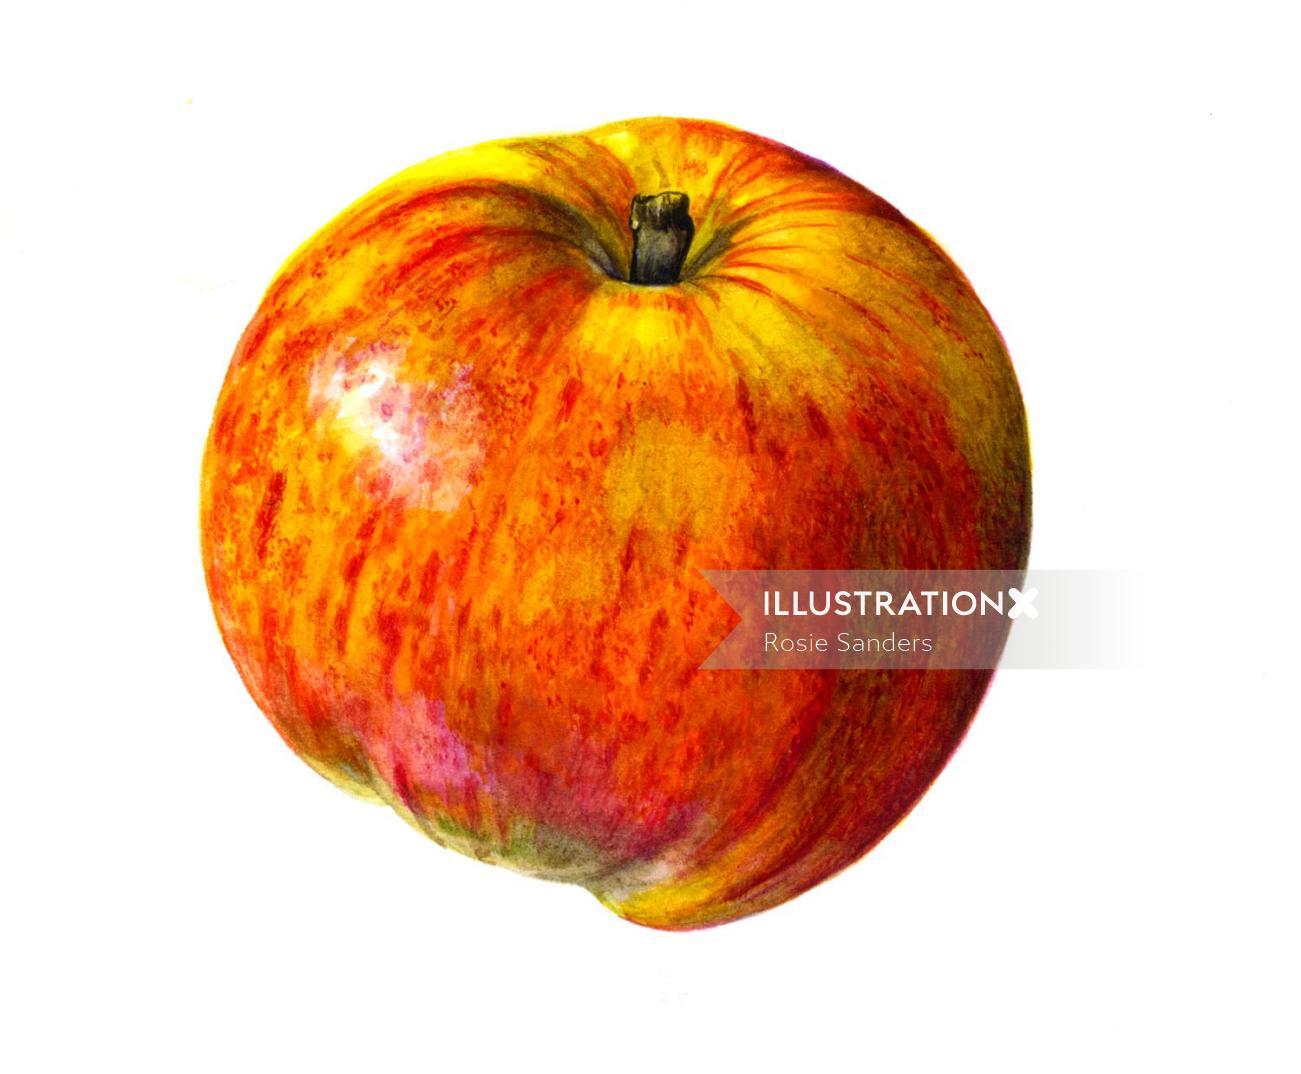 Apple illustration by Rosie Sanders